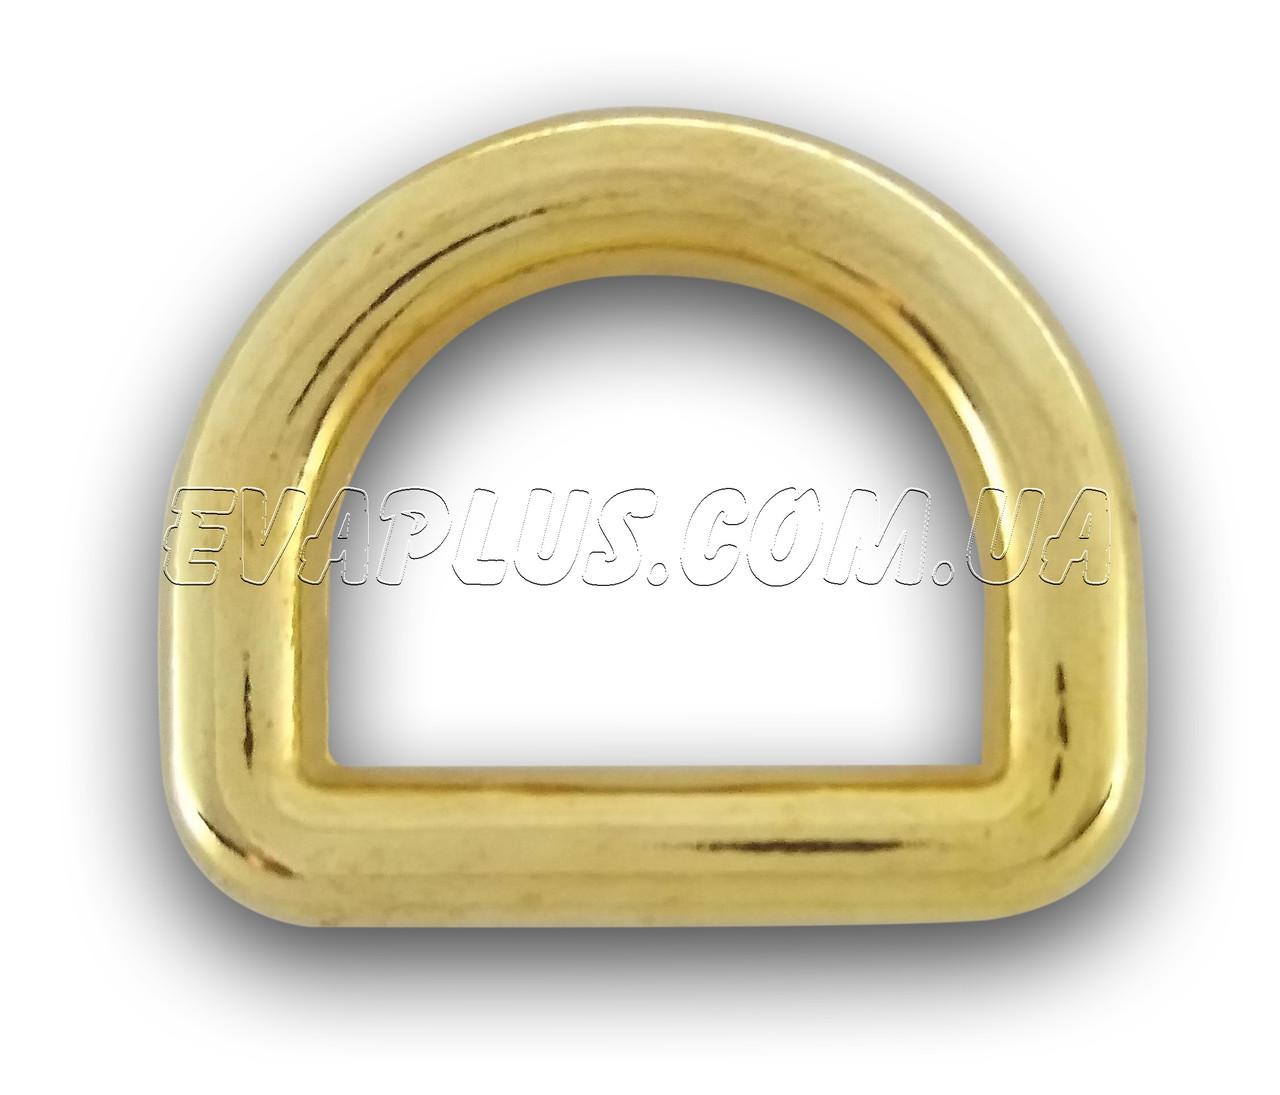 Півкільце лите 19 мм. 5703 золото